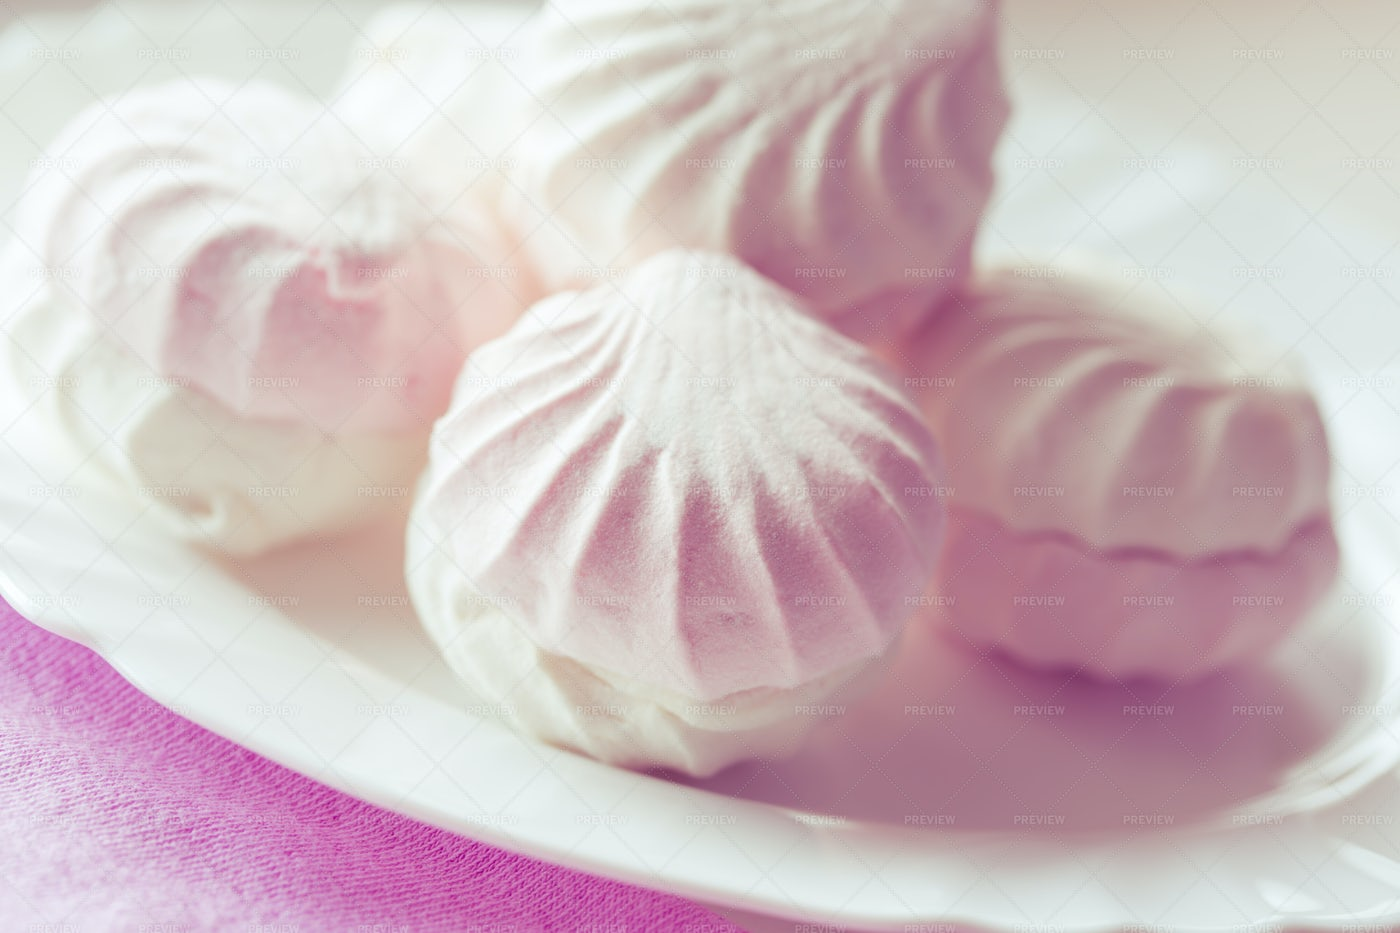 Pink Macarons: Stock Photos